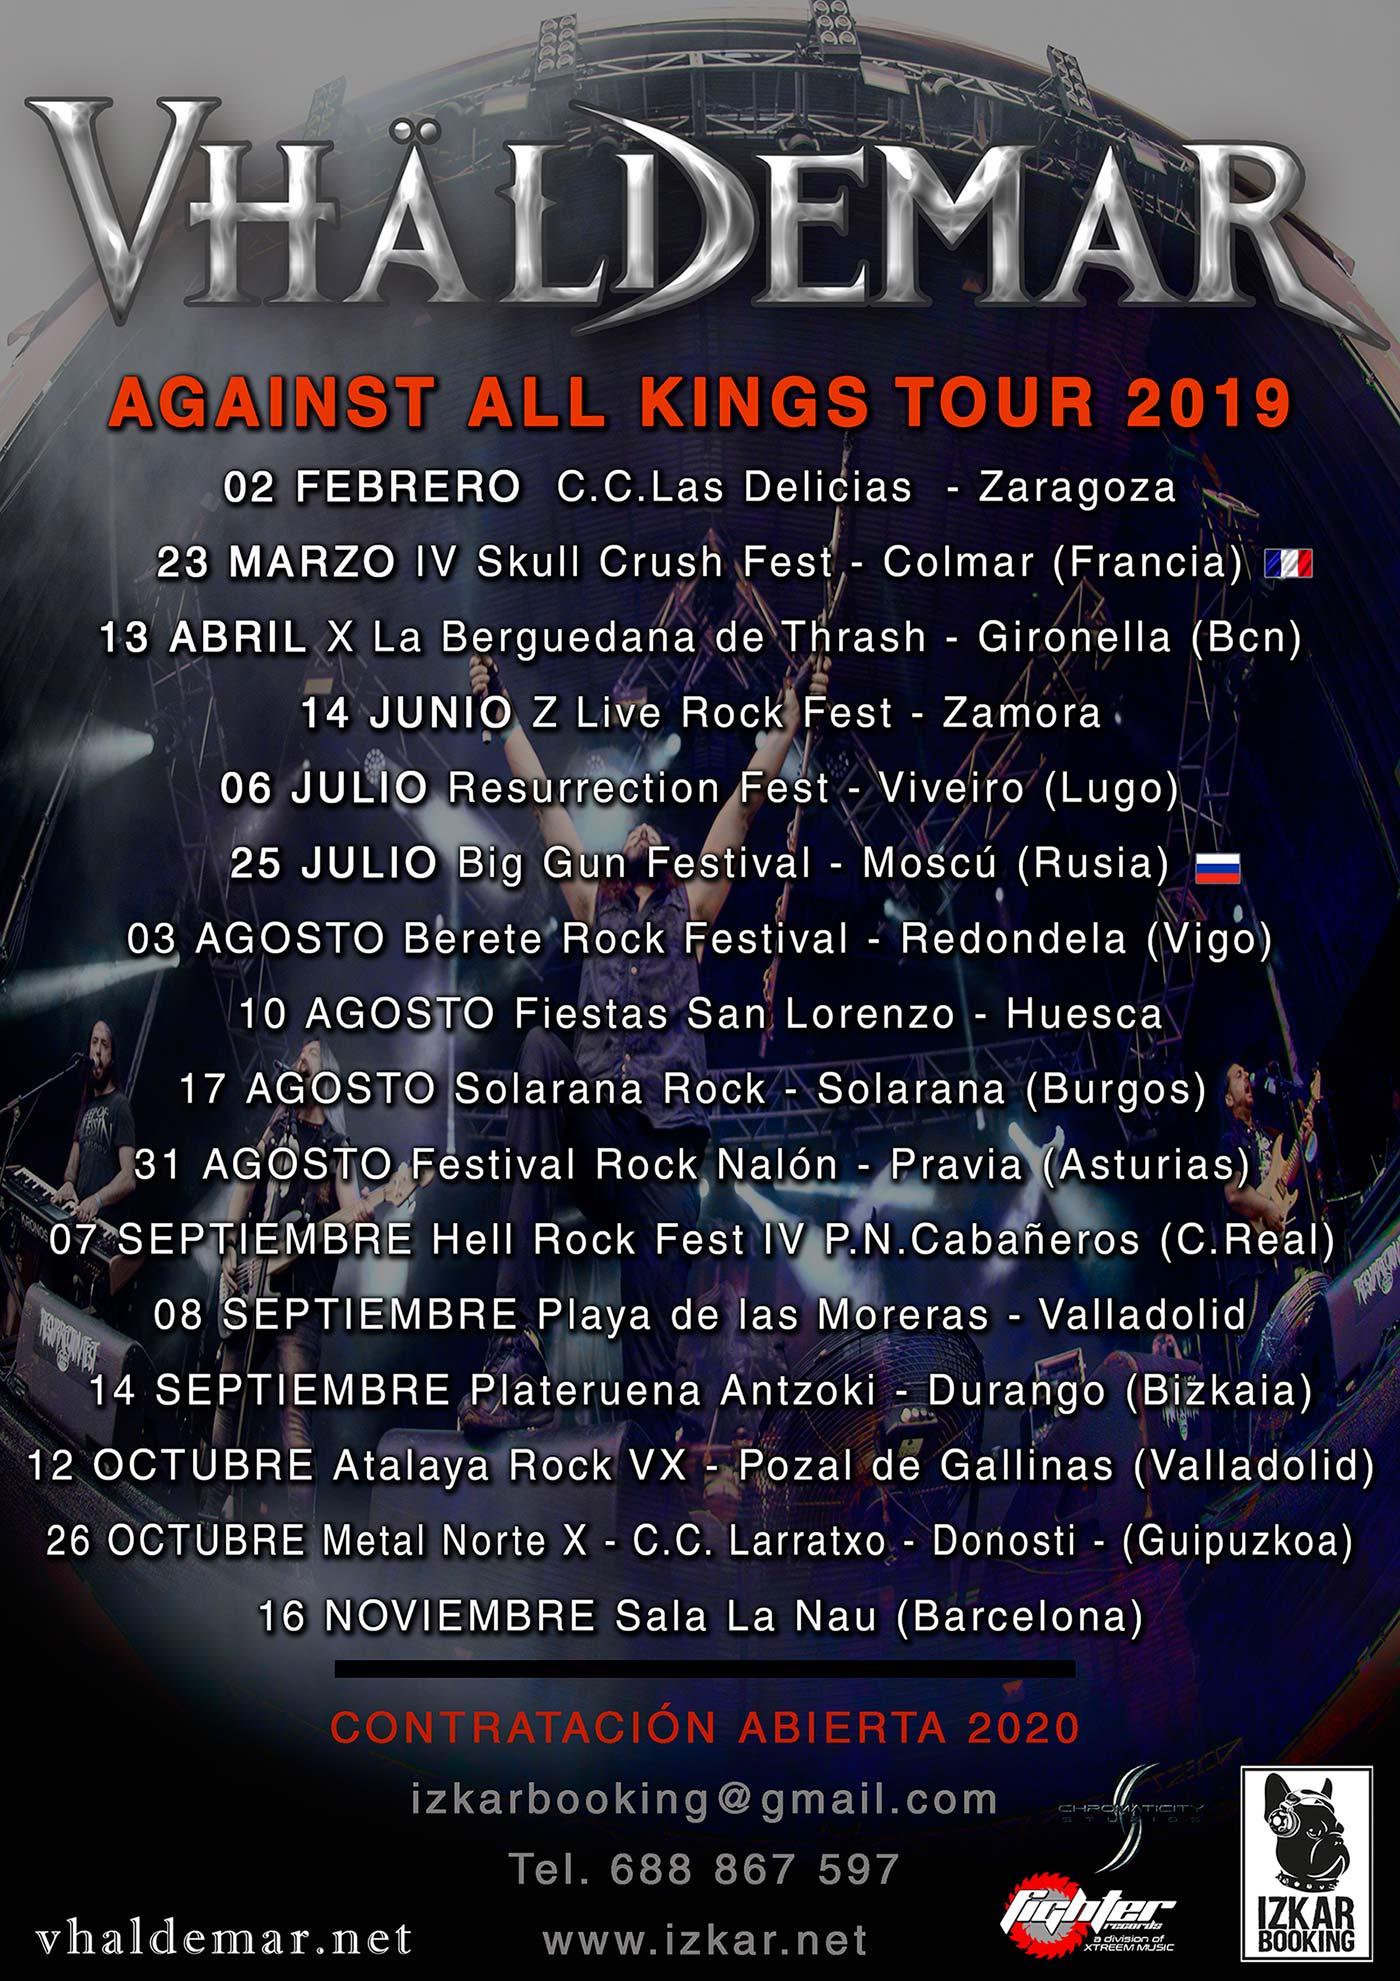 Vhaldemar tour 2019